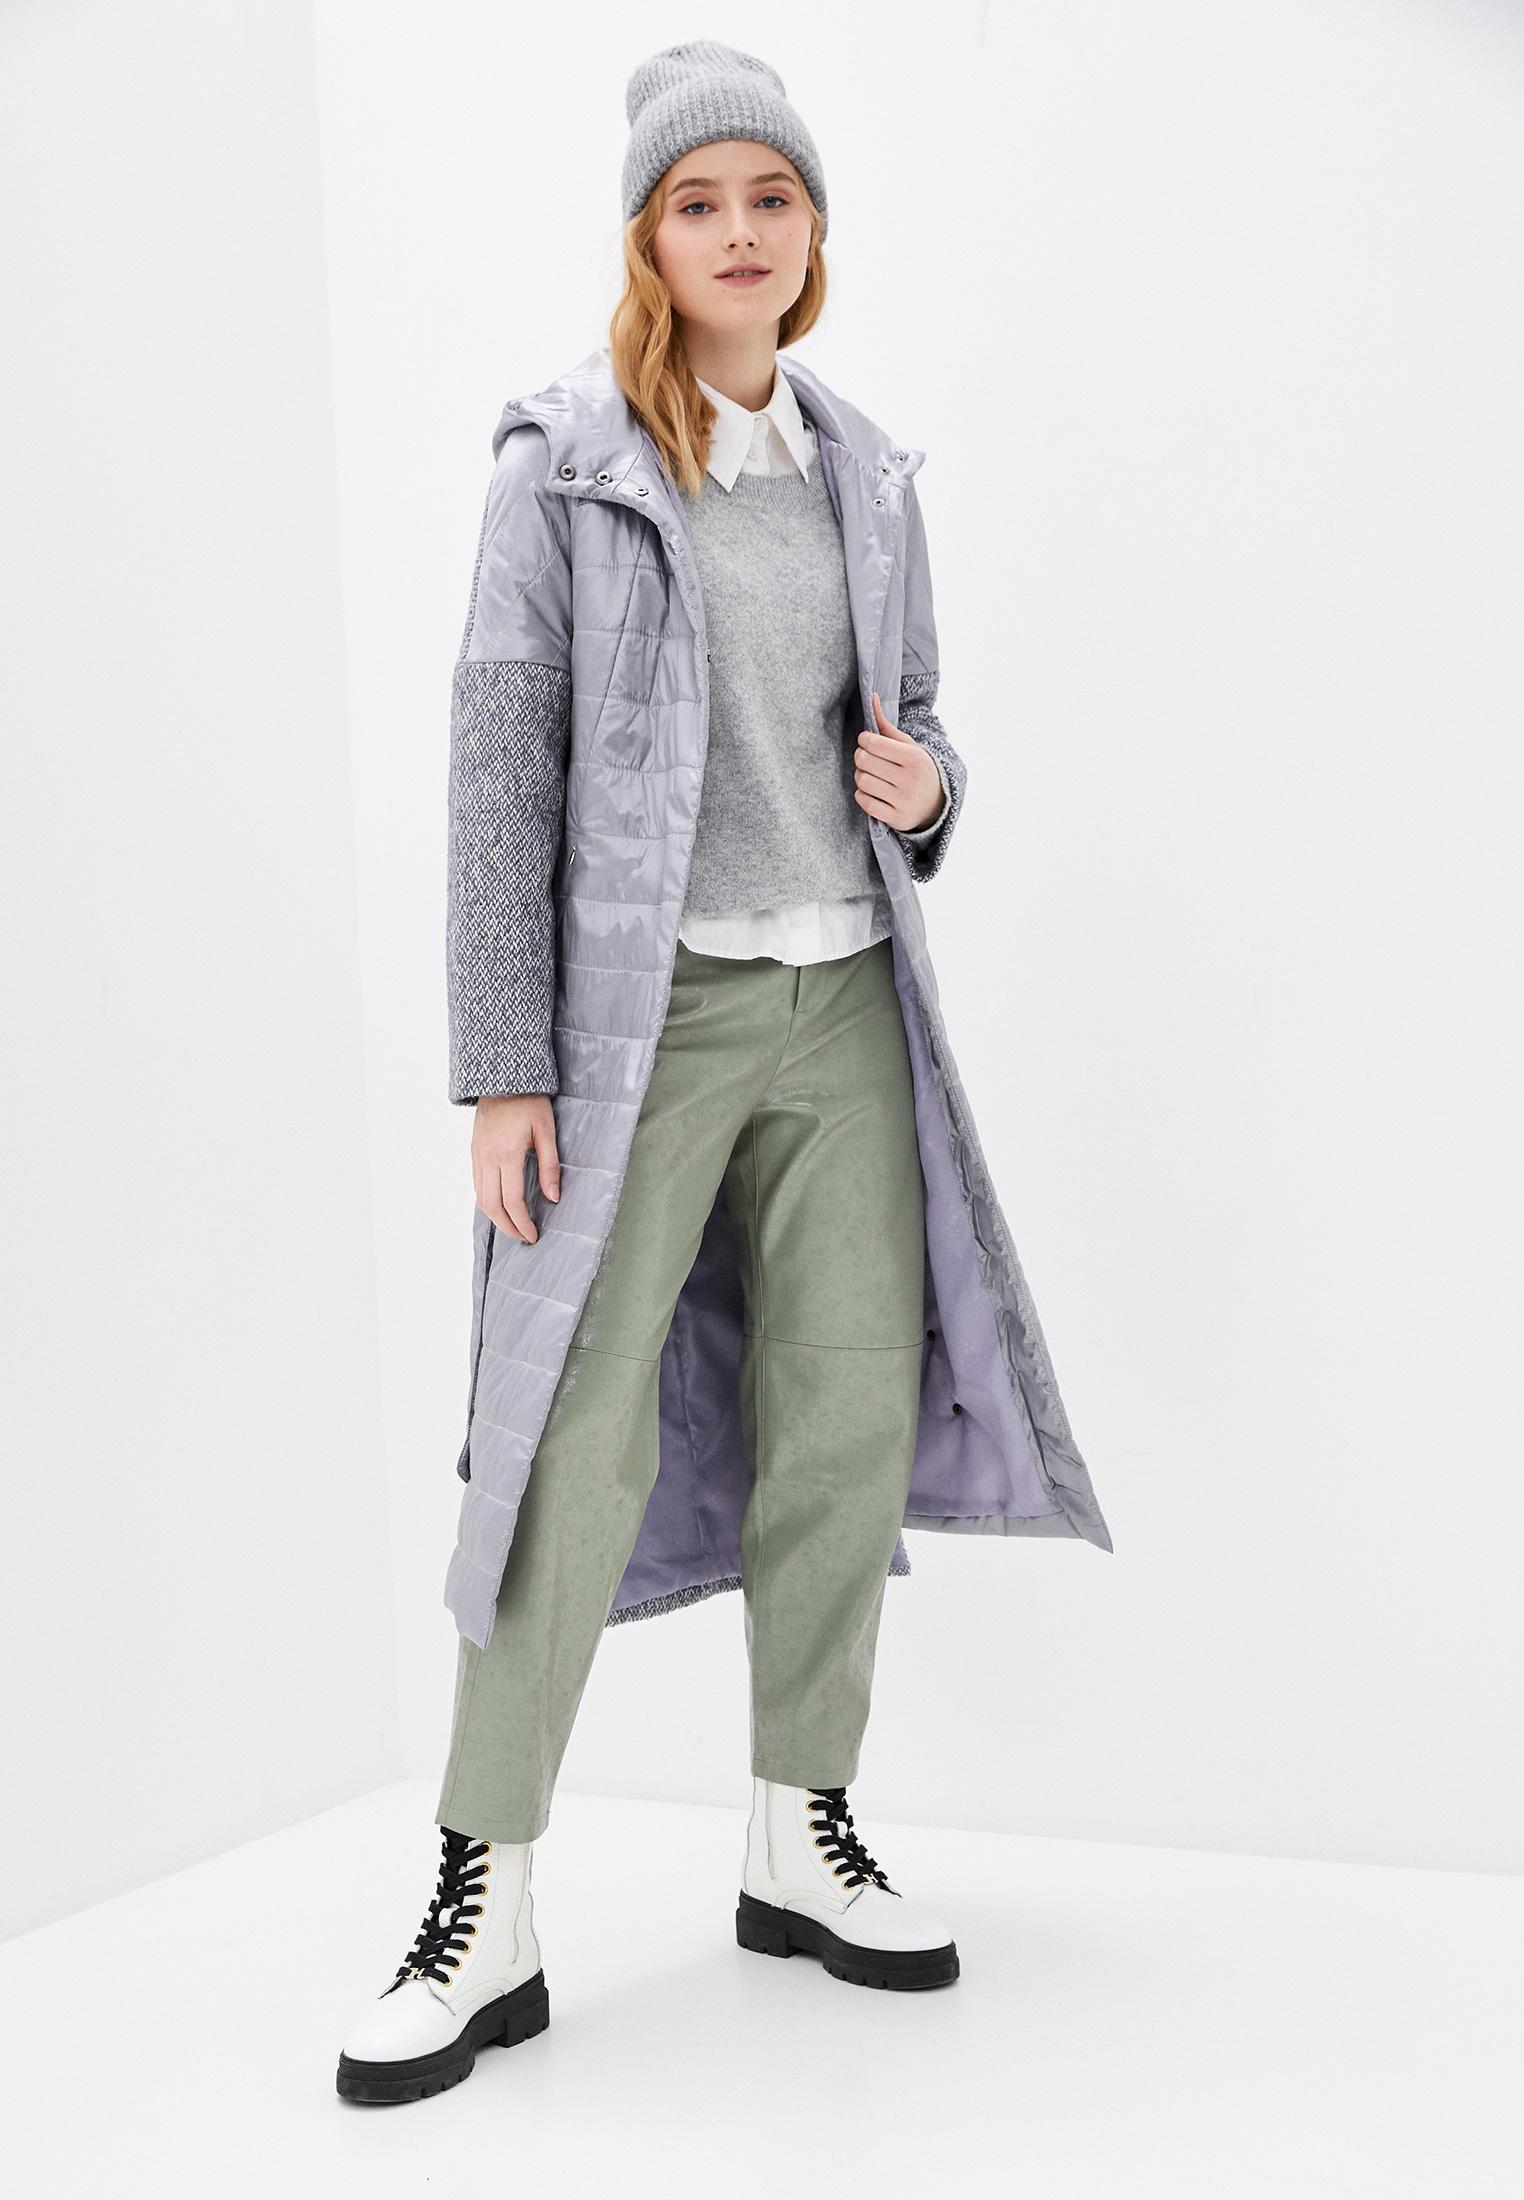 Утепленная куртка Nataliy Beate Пальто мод.132: изображение 8